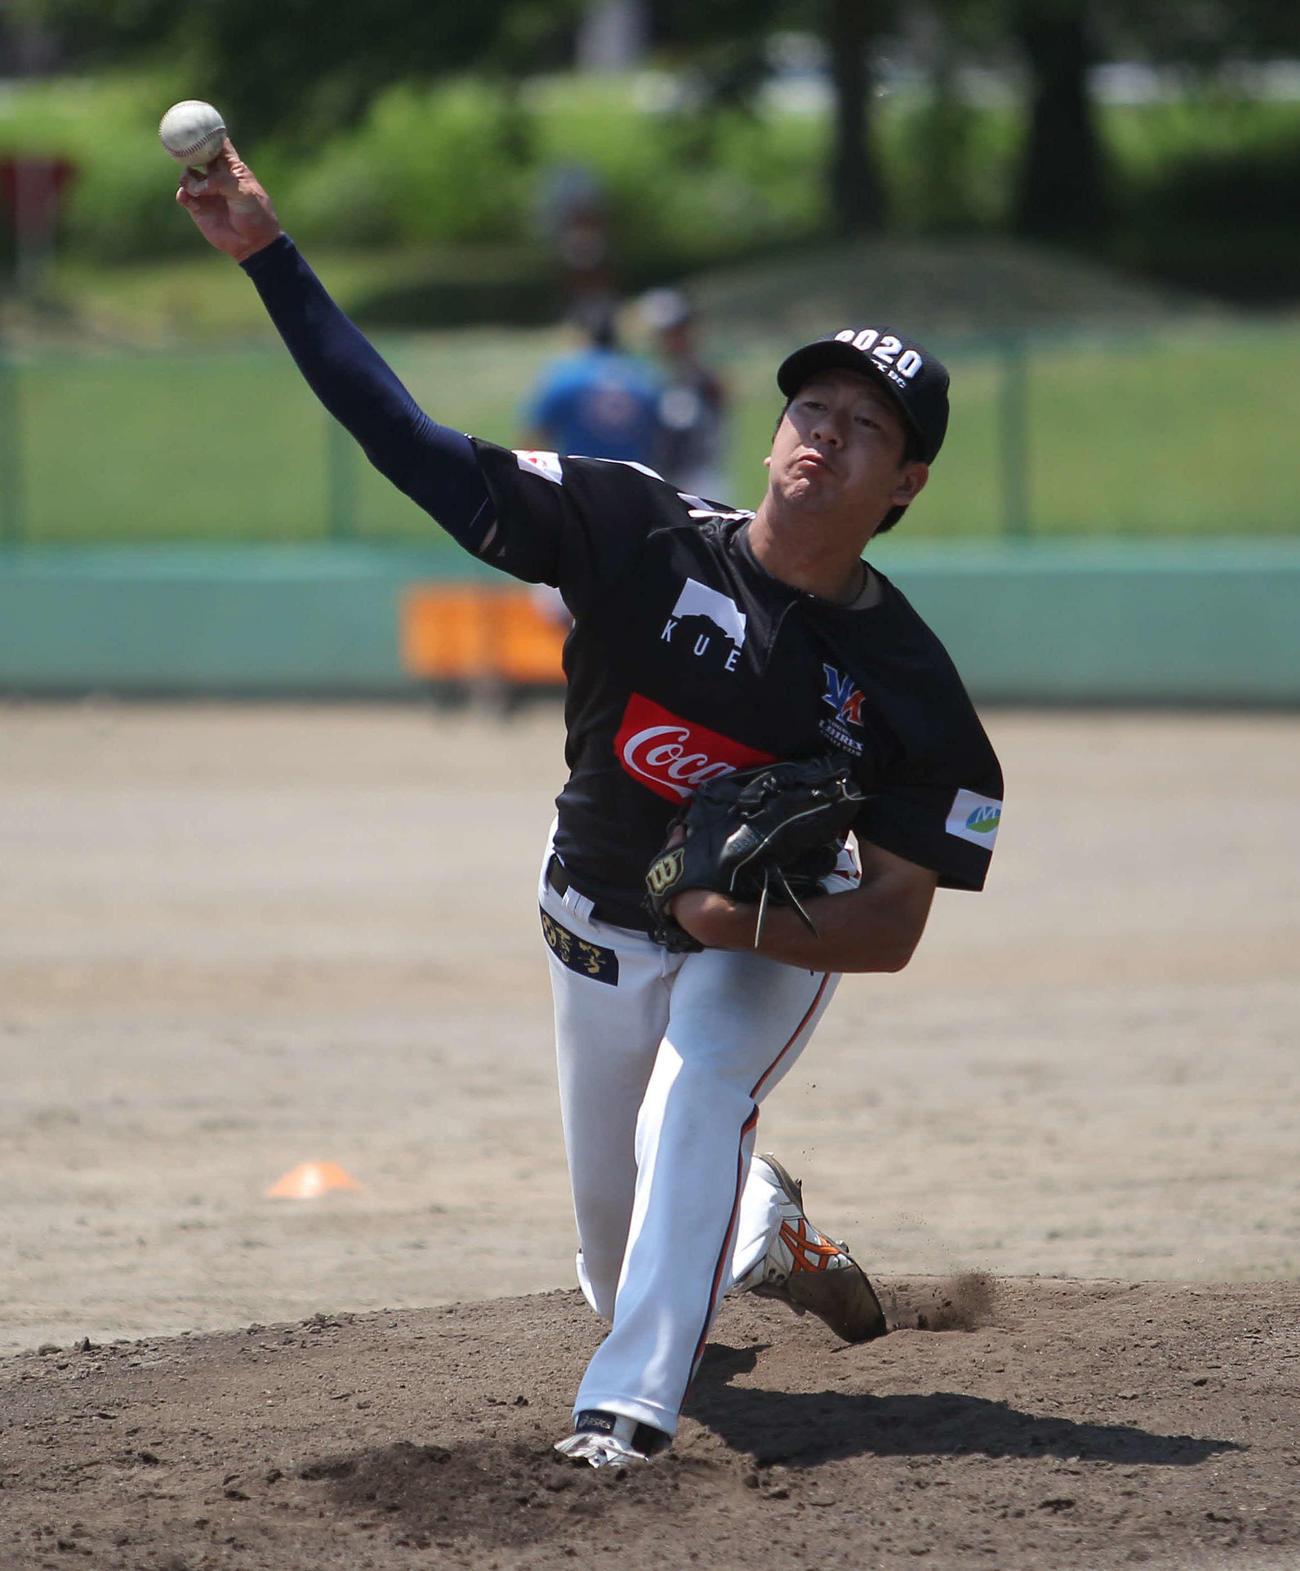 捕手を座らせ21球投げた木原田